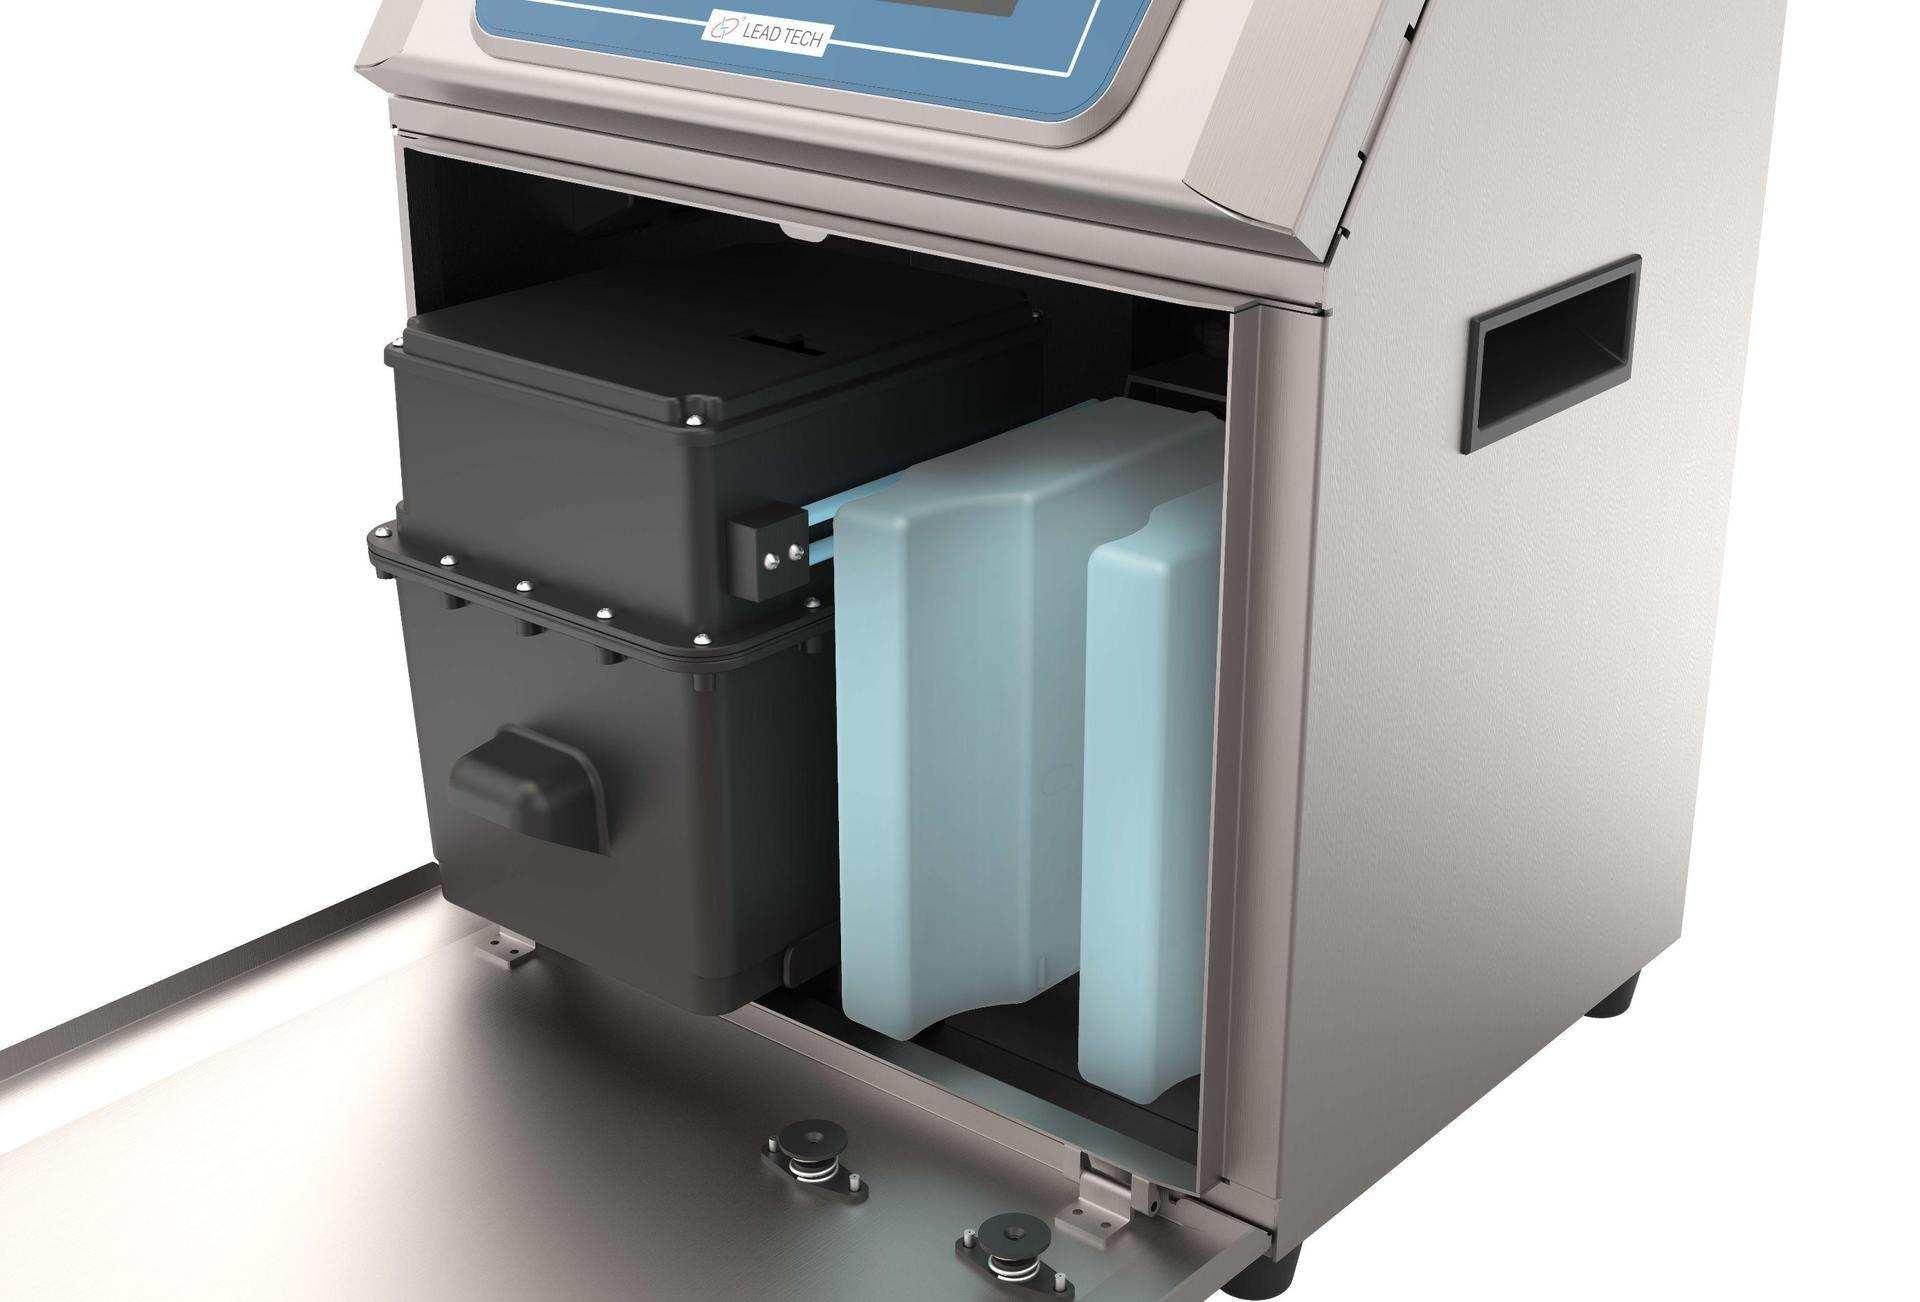 Lead Tech Lt800 Dole Can Coding Cij Inkjet Printer